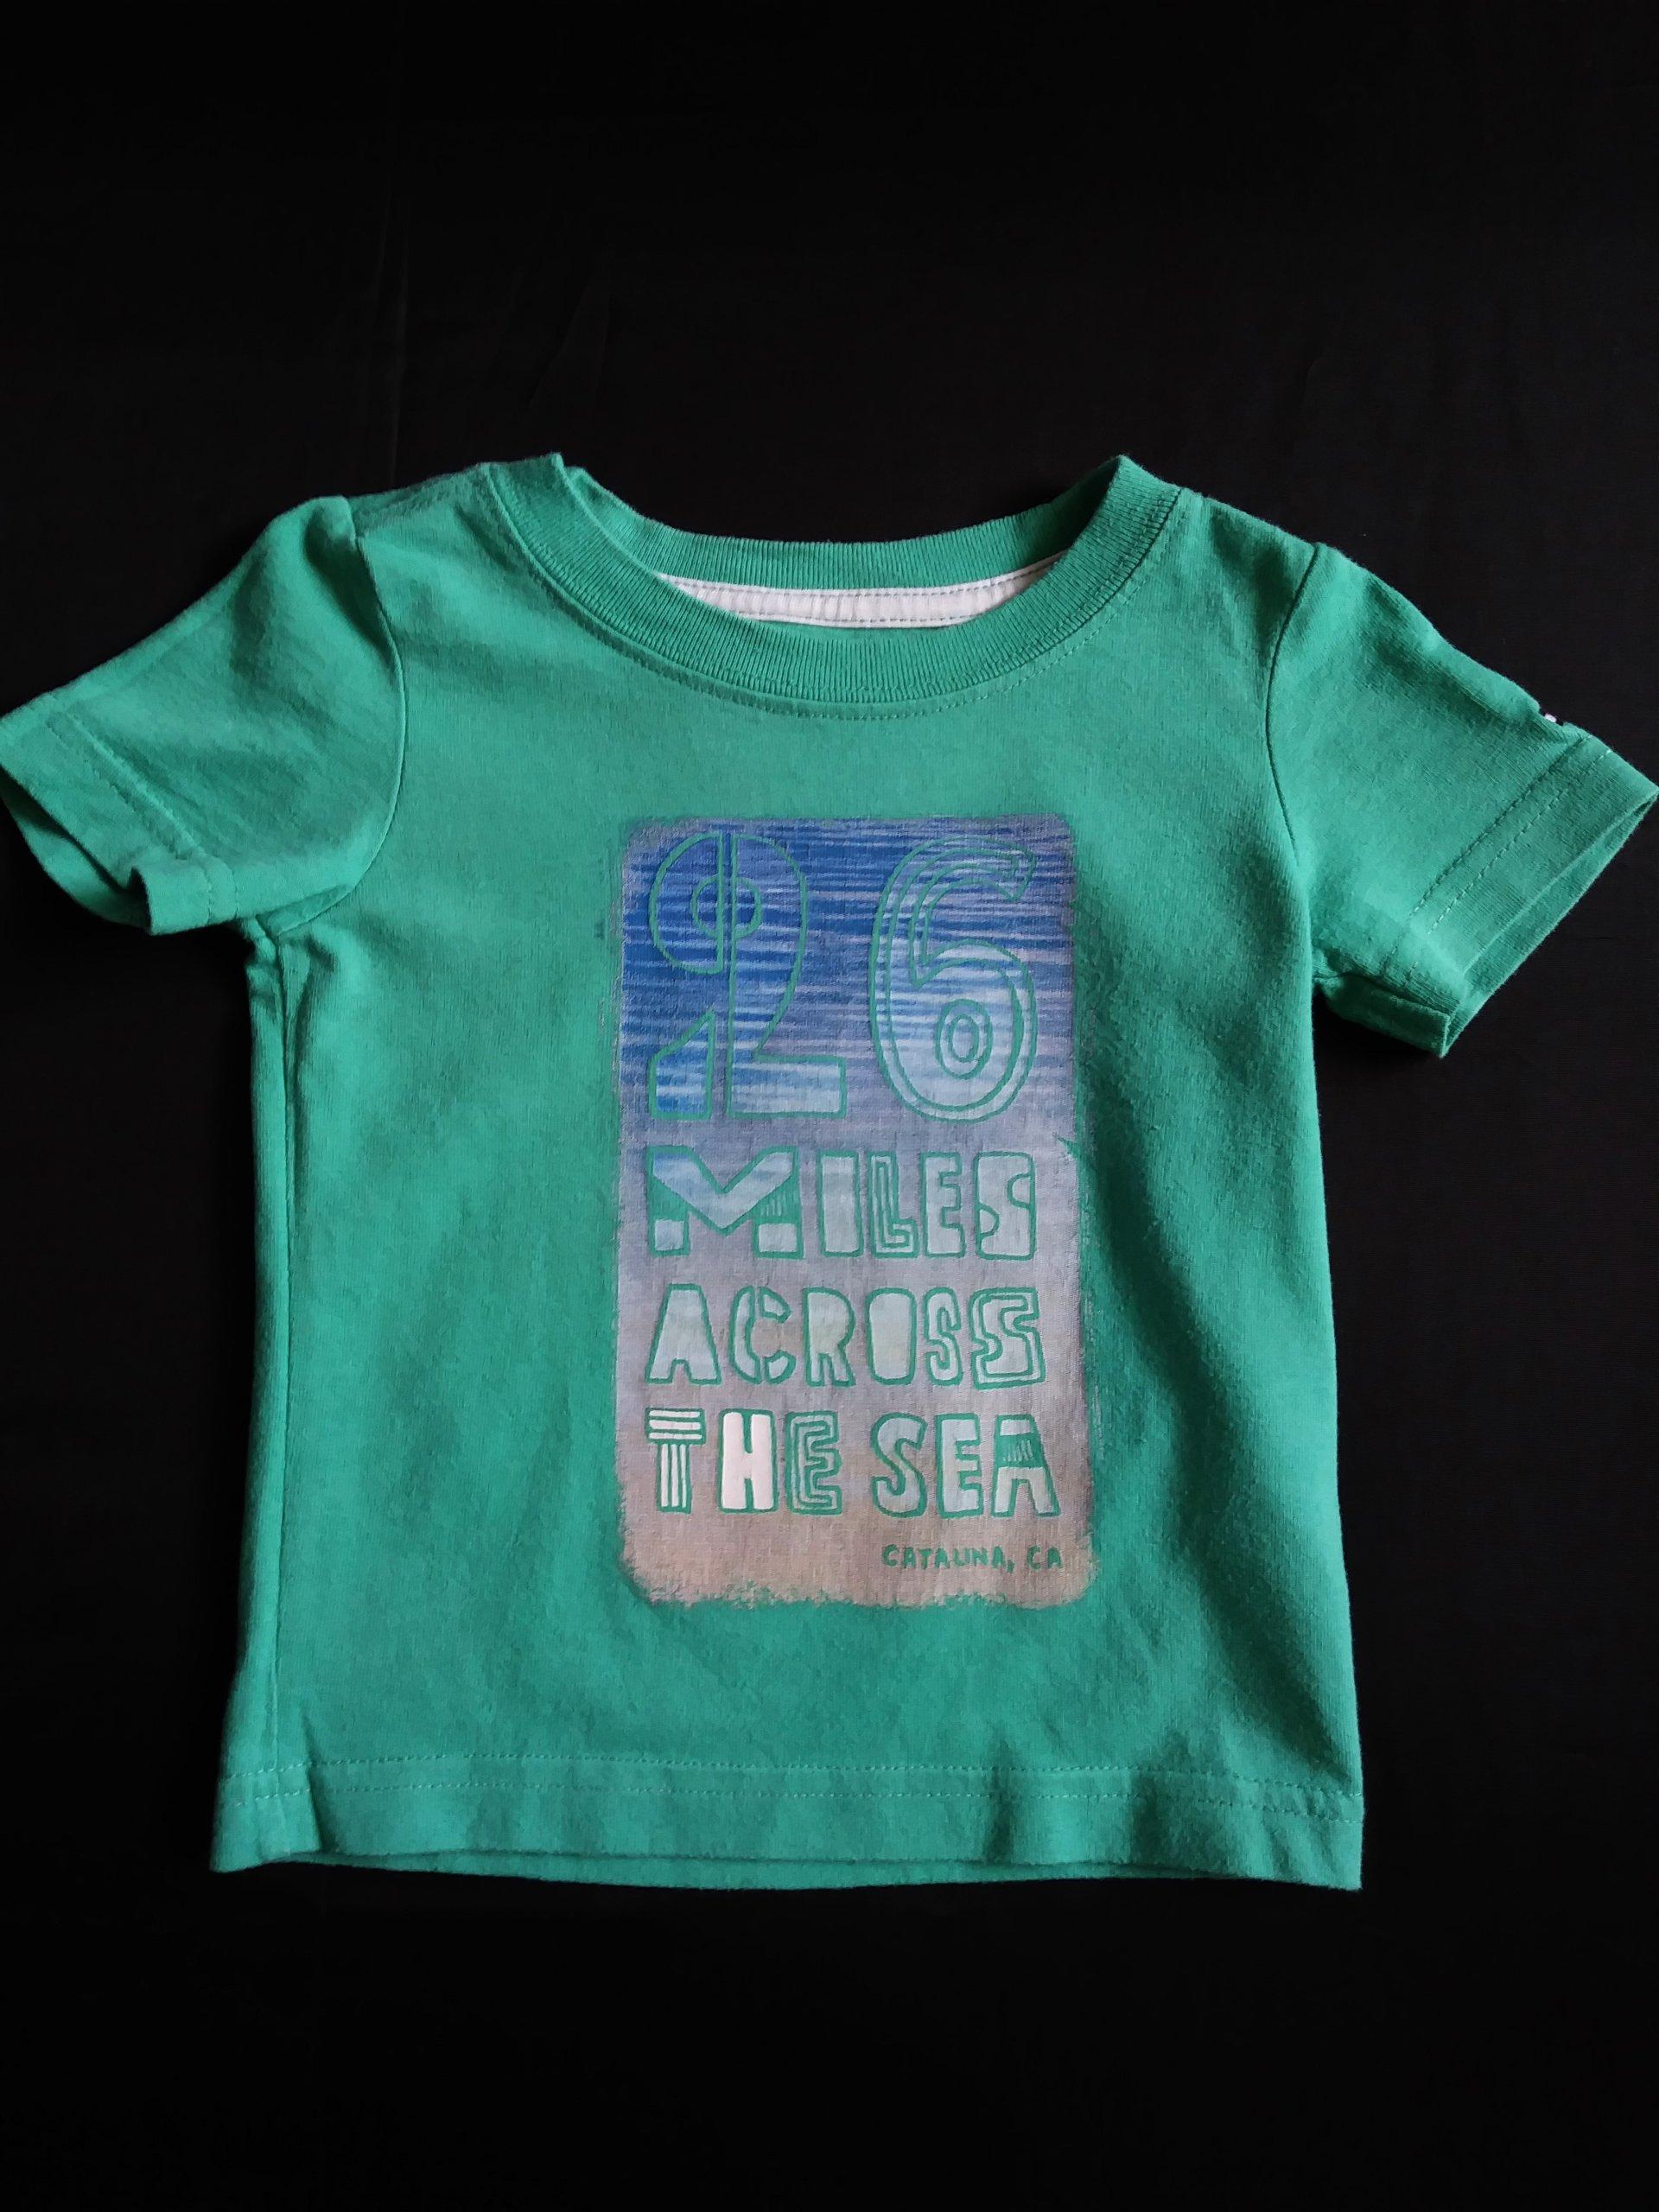 6fdb2edfabbf4 Tommy Hilfiger t-shirt dziecięcy roz 6-9M - 7396352850 - oficjalne ...